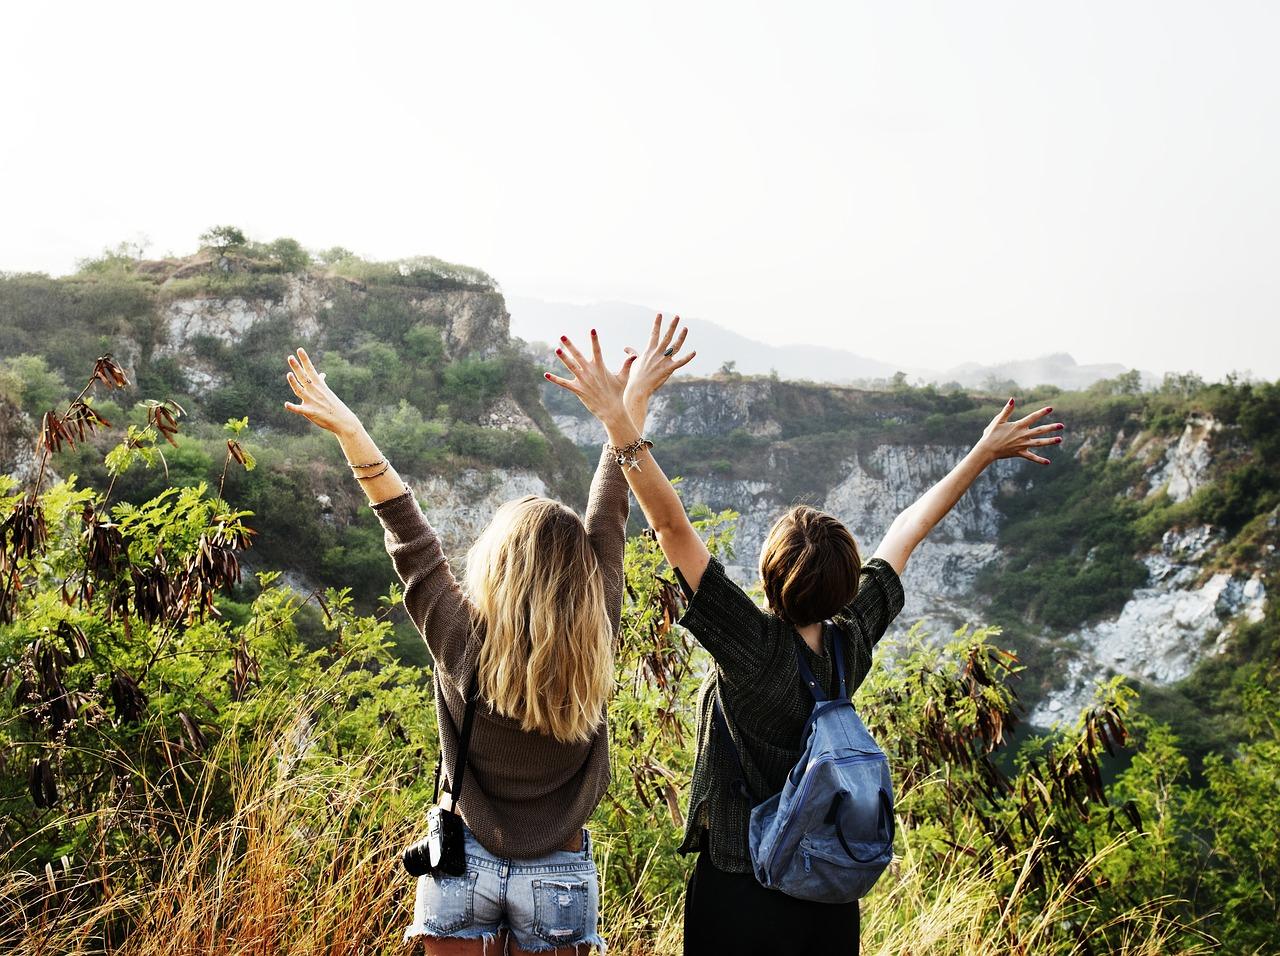 España ha recibido casi 60 millones de turistas en lo que va de año